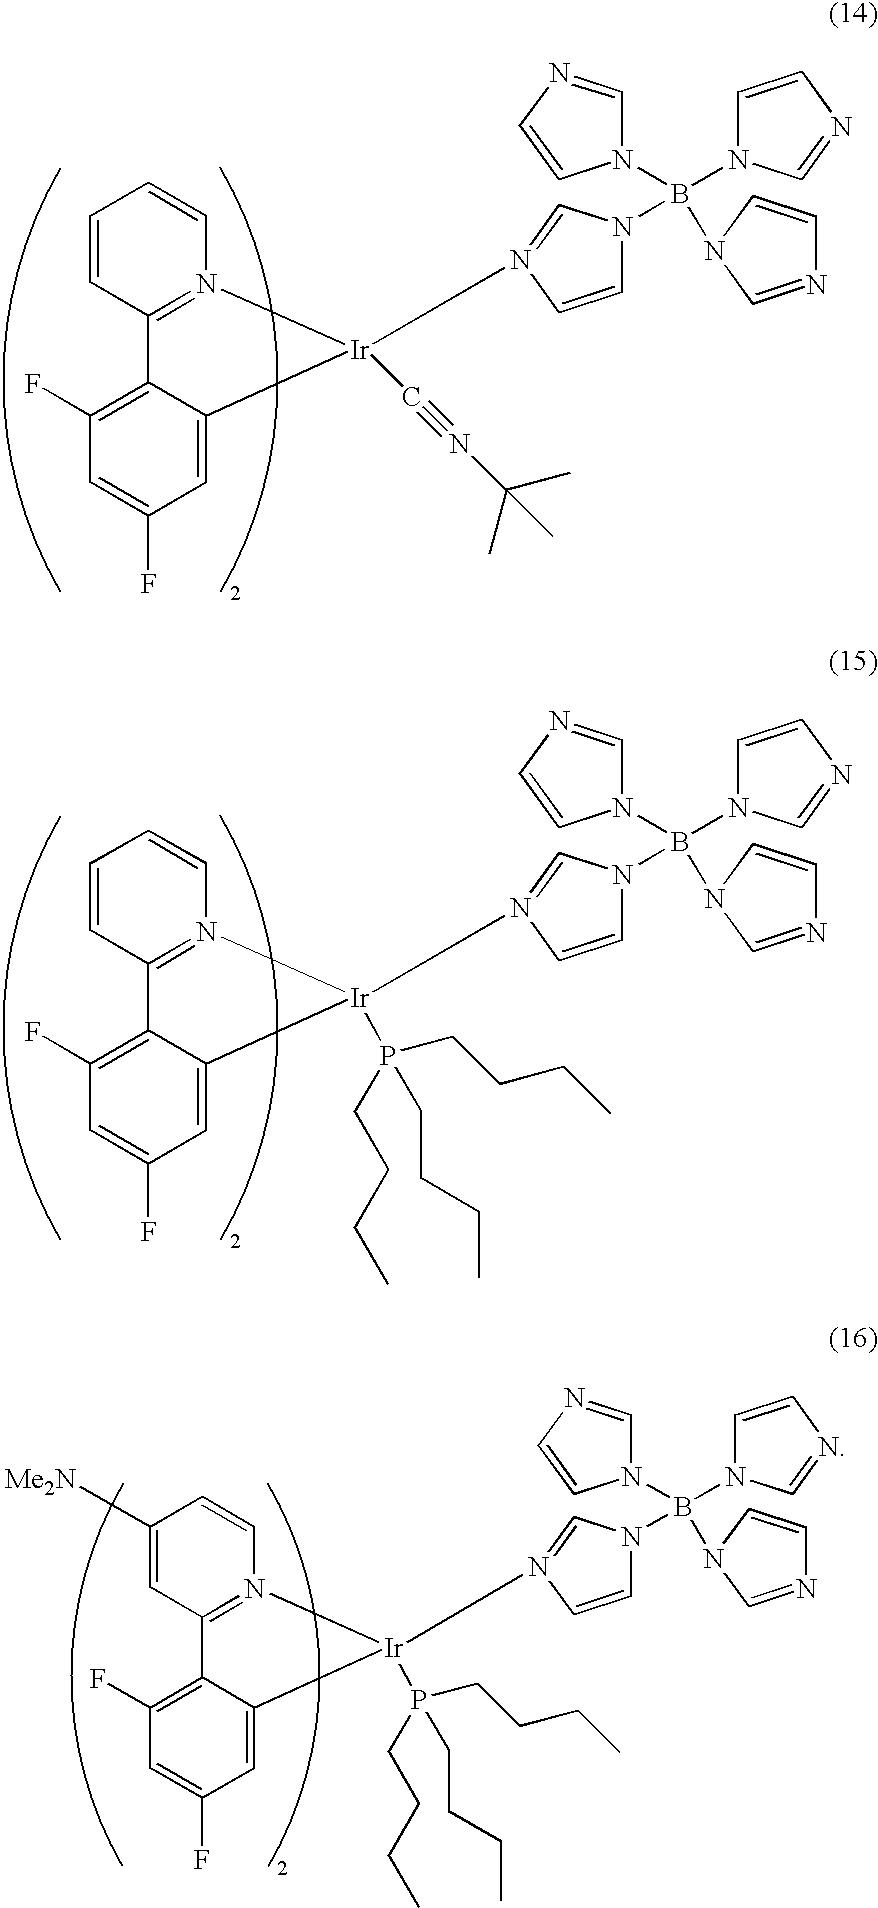 Figure US20060177695A1-20060810-C00045